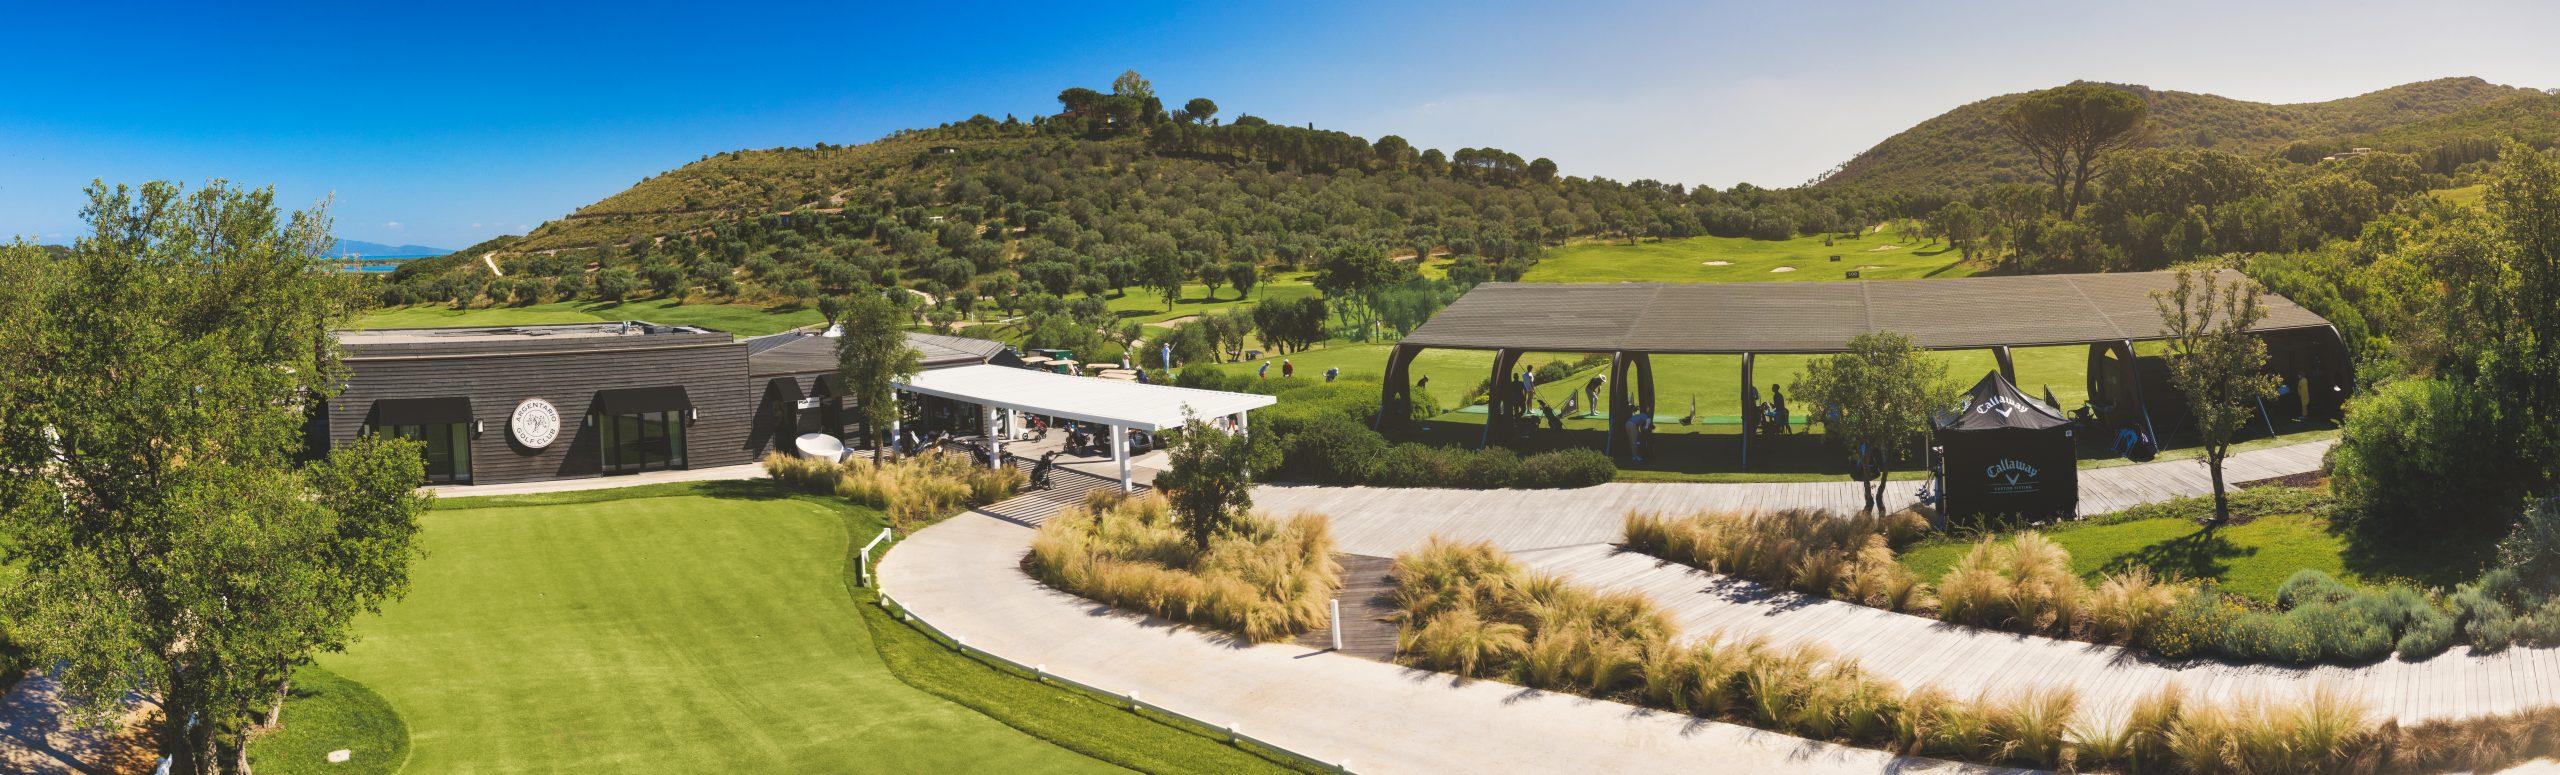 argentario-golf-resort-design-lifestyle